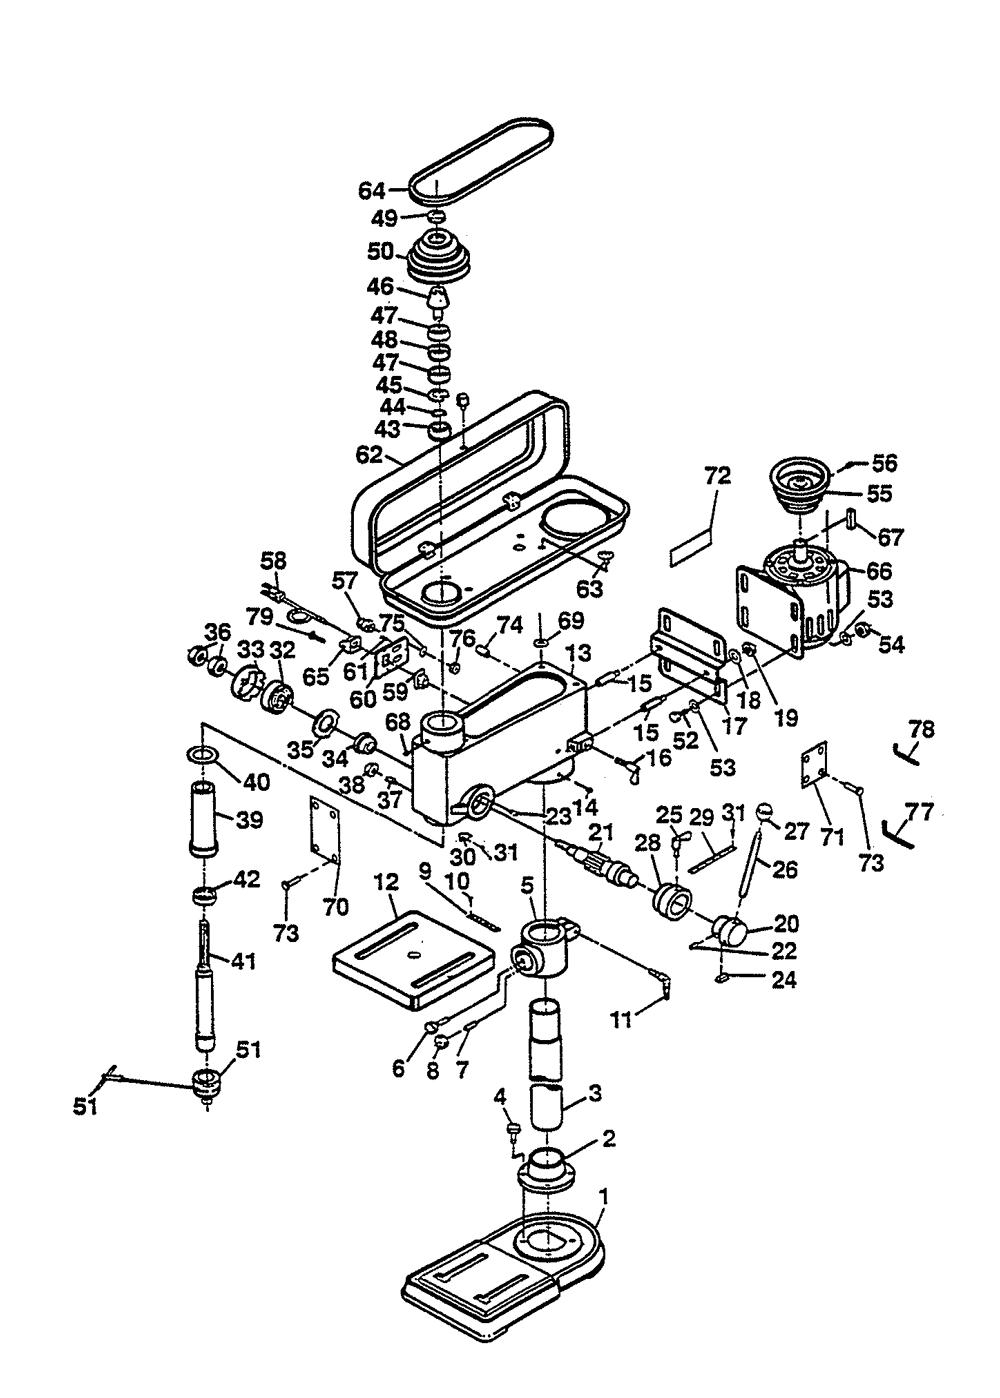 buy ryobi dp100 replacement tool parts